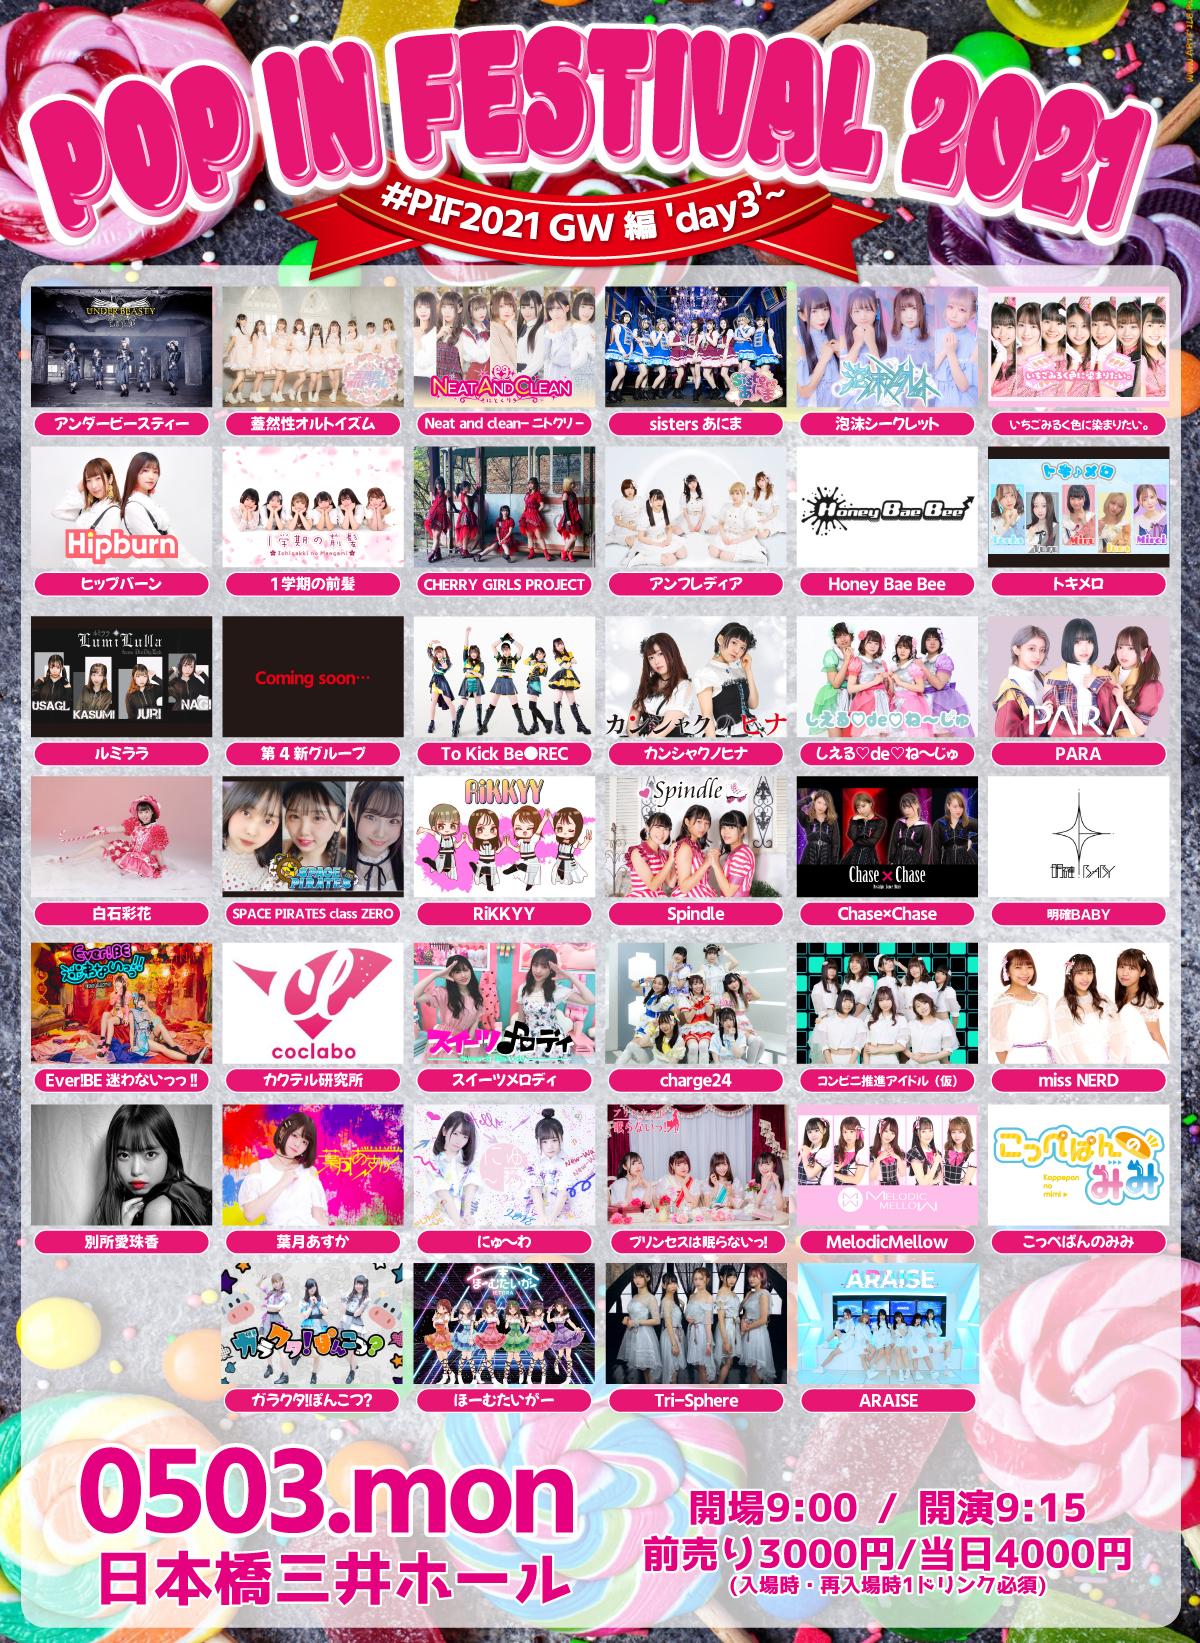 5/3(月) POP IN FESTIVAL 2021 ~ #PIF2021 GW編 'day3'~